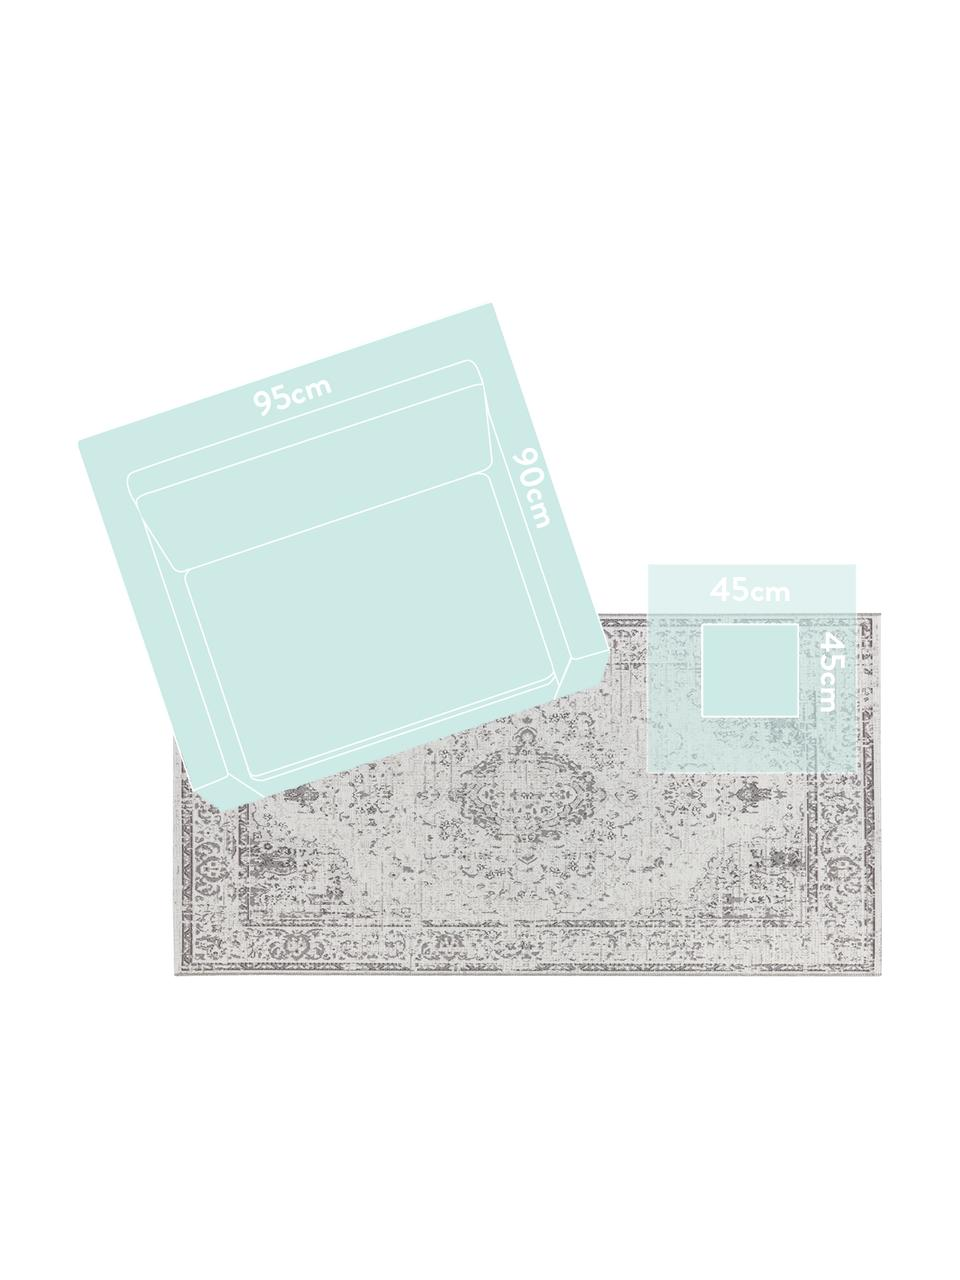 In- & Outdoor-Teppich Cenon im Vintagelook, 100% Polypropylen, Creme, Grau, B 190 x L 290 cm (Größe L)